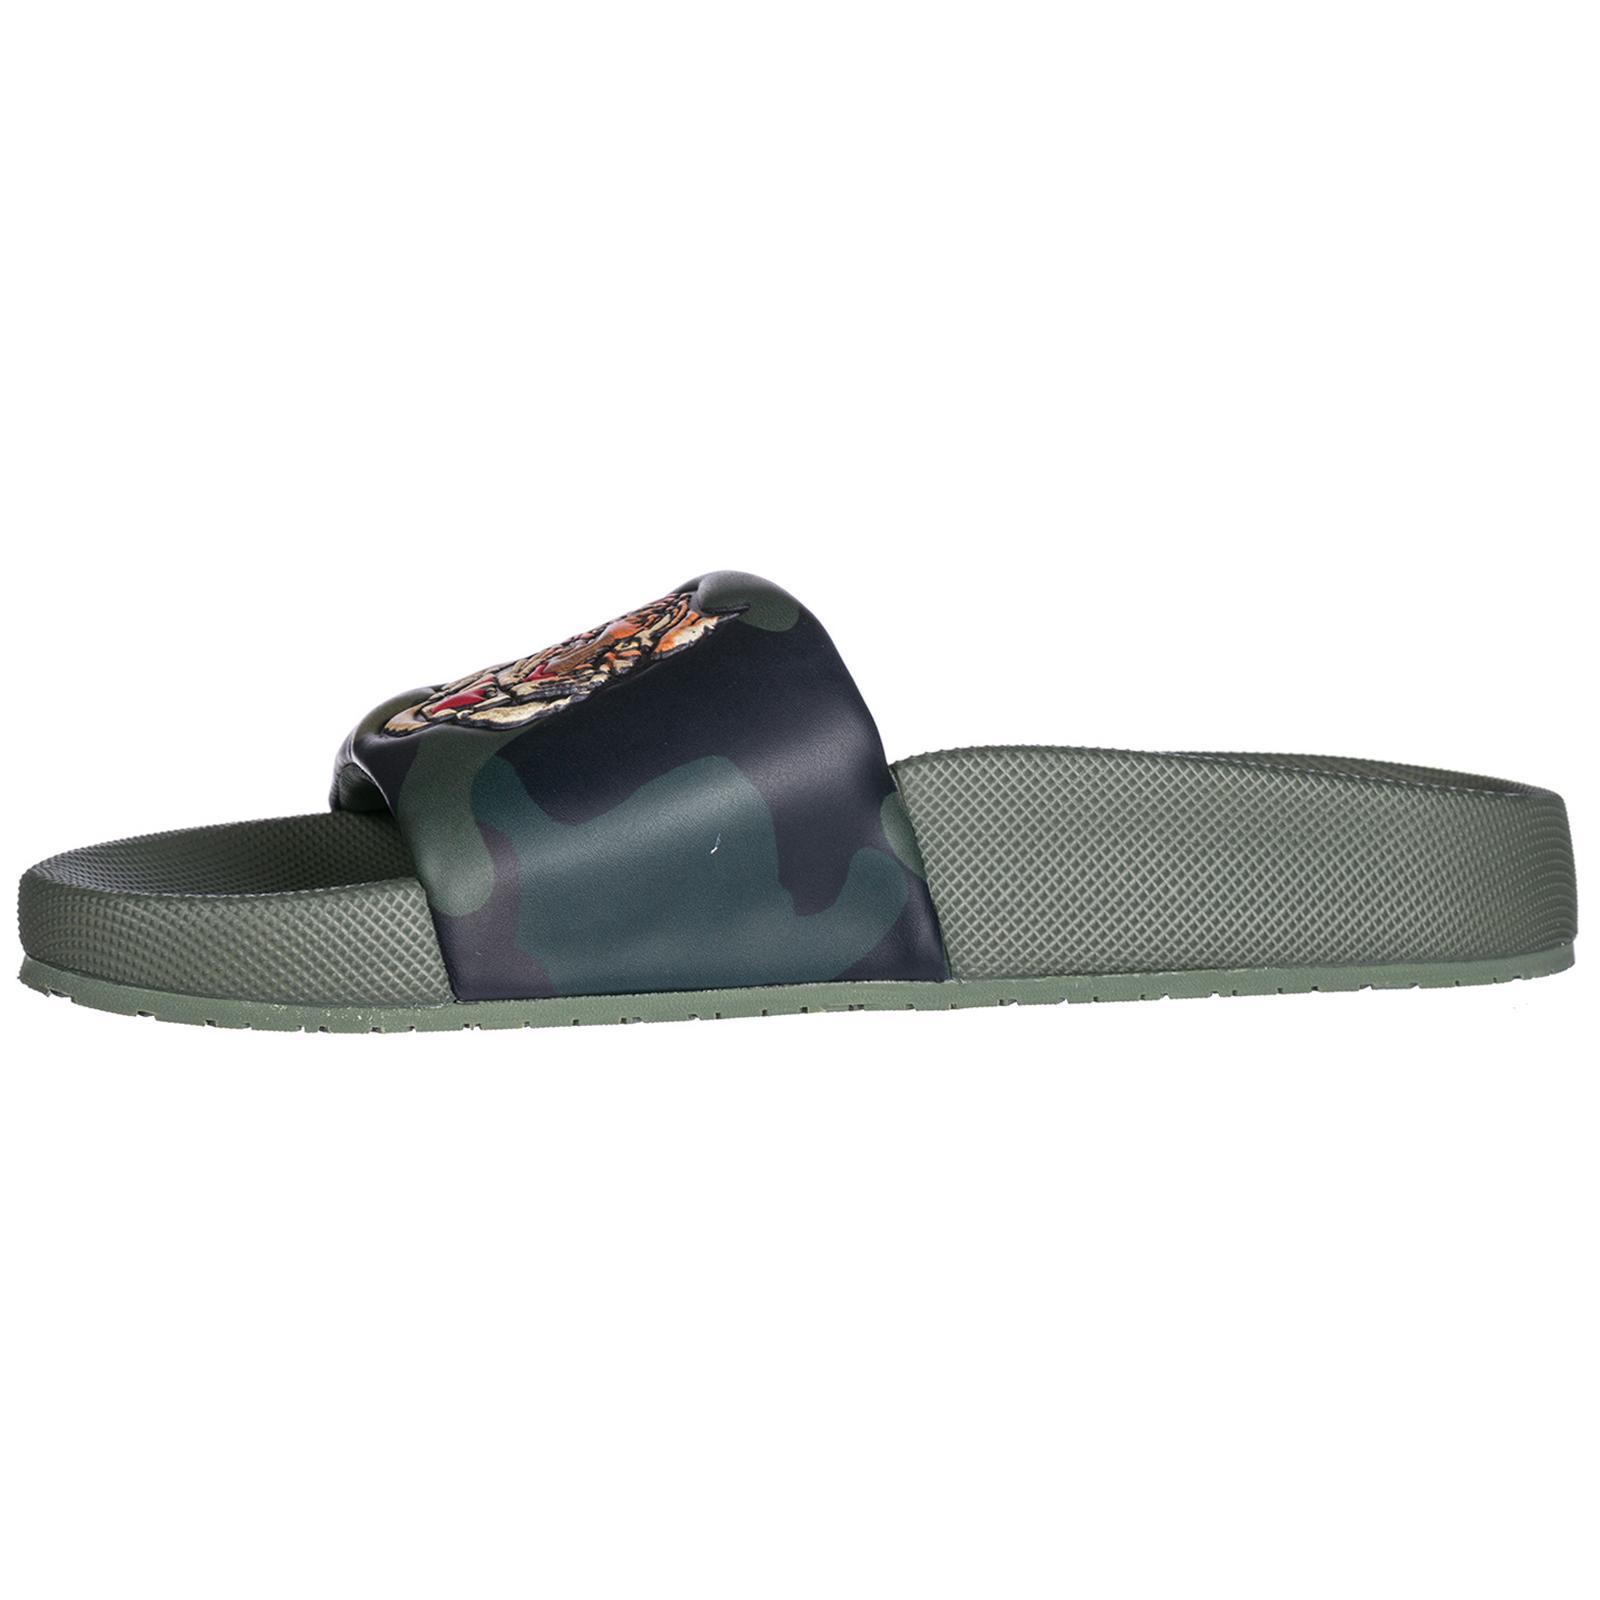 ab852b813 Slides Polo Ralph Lauren 816699472001 verde